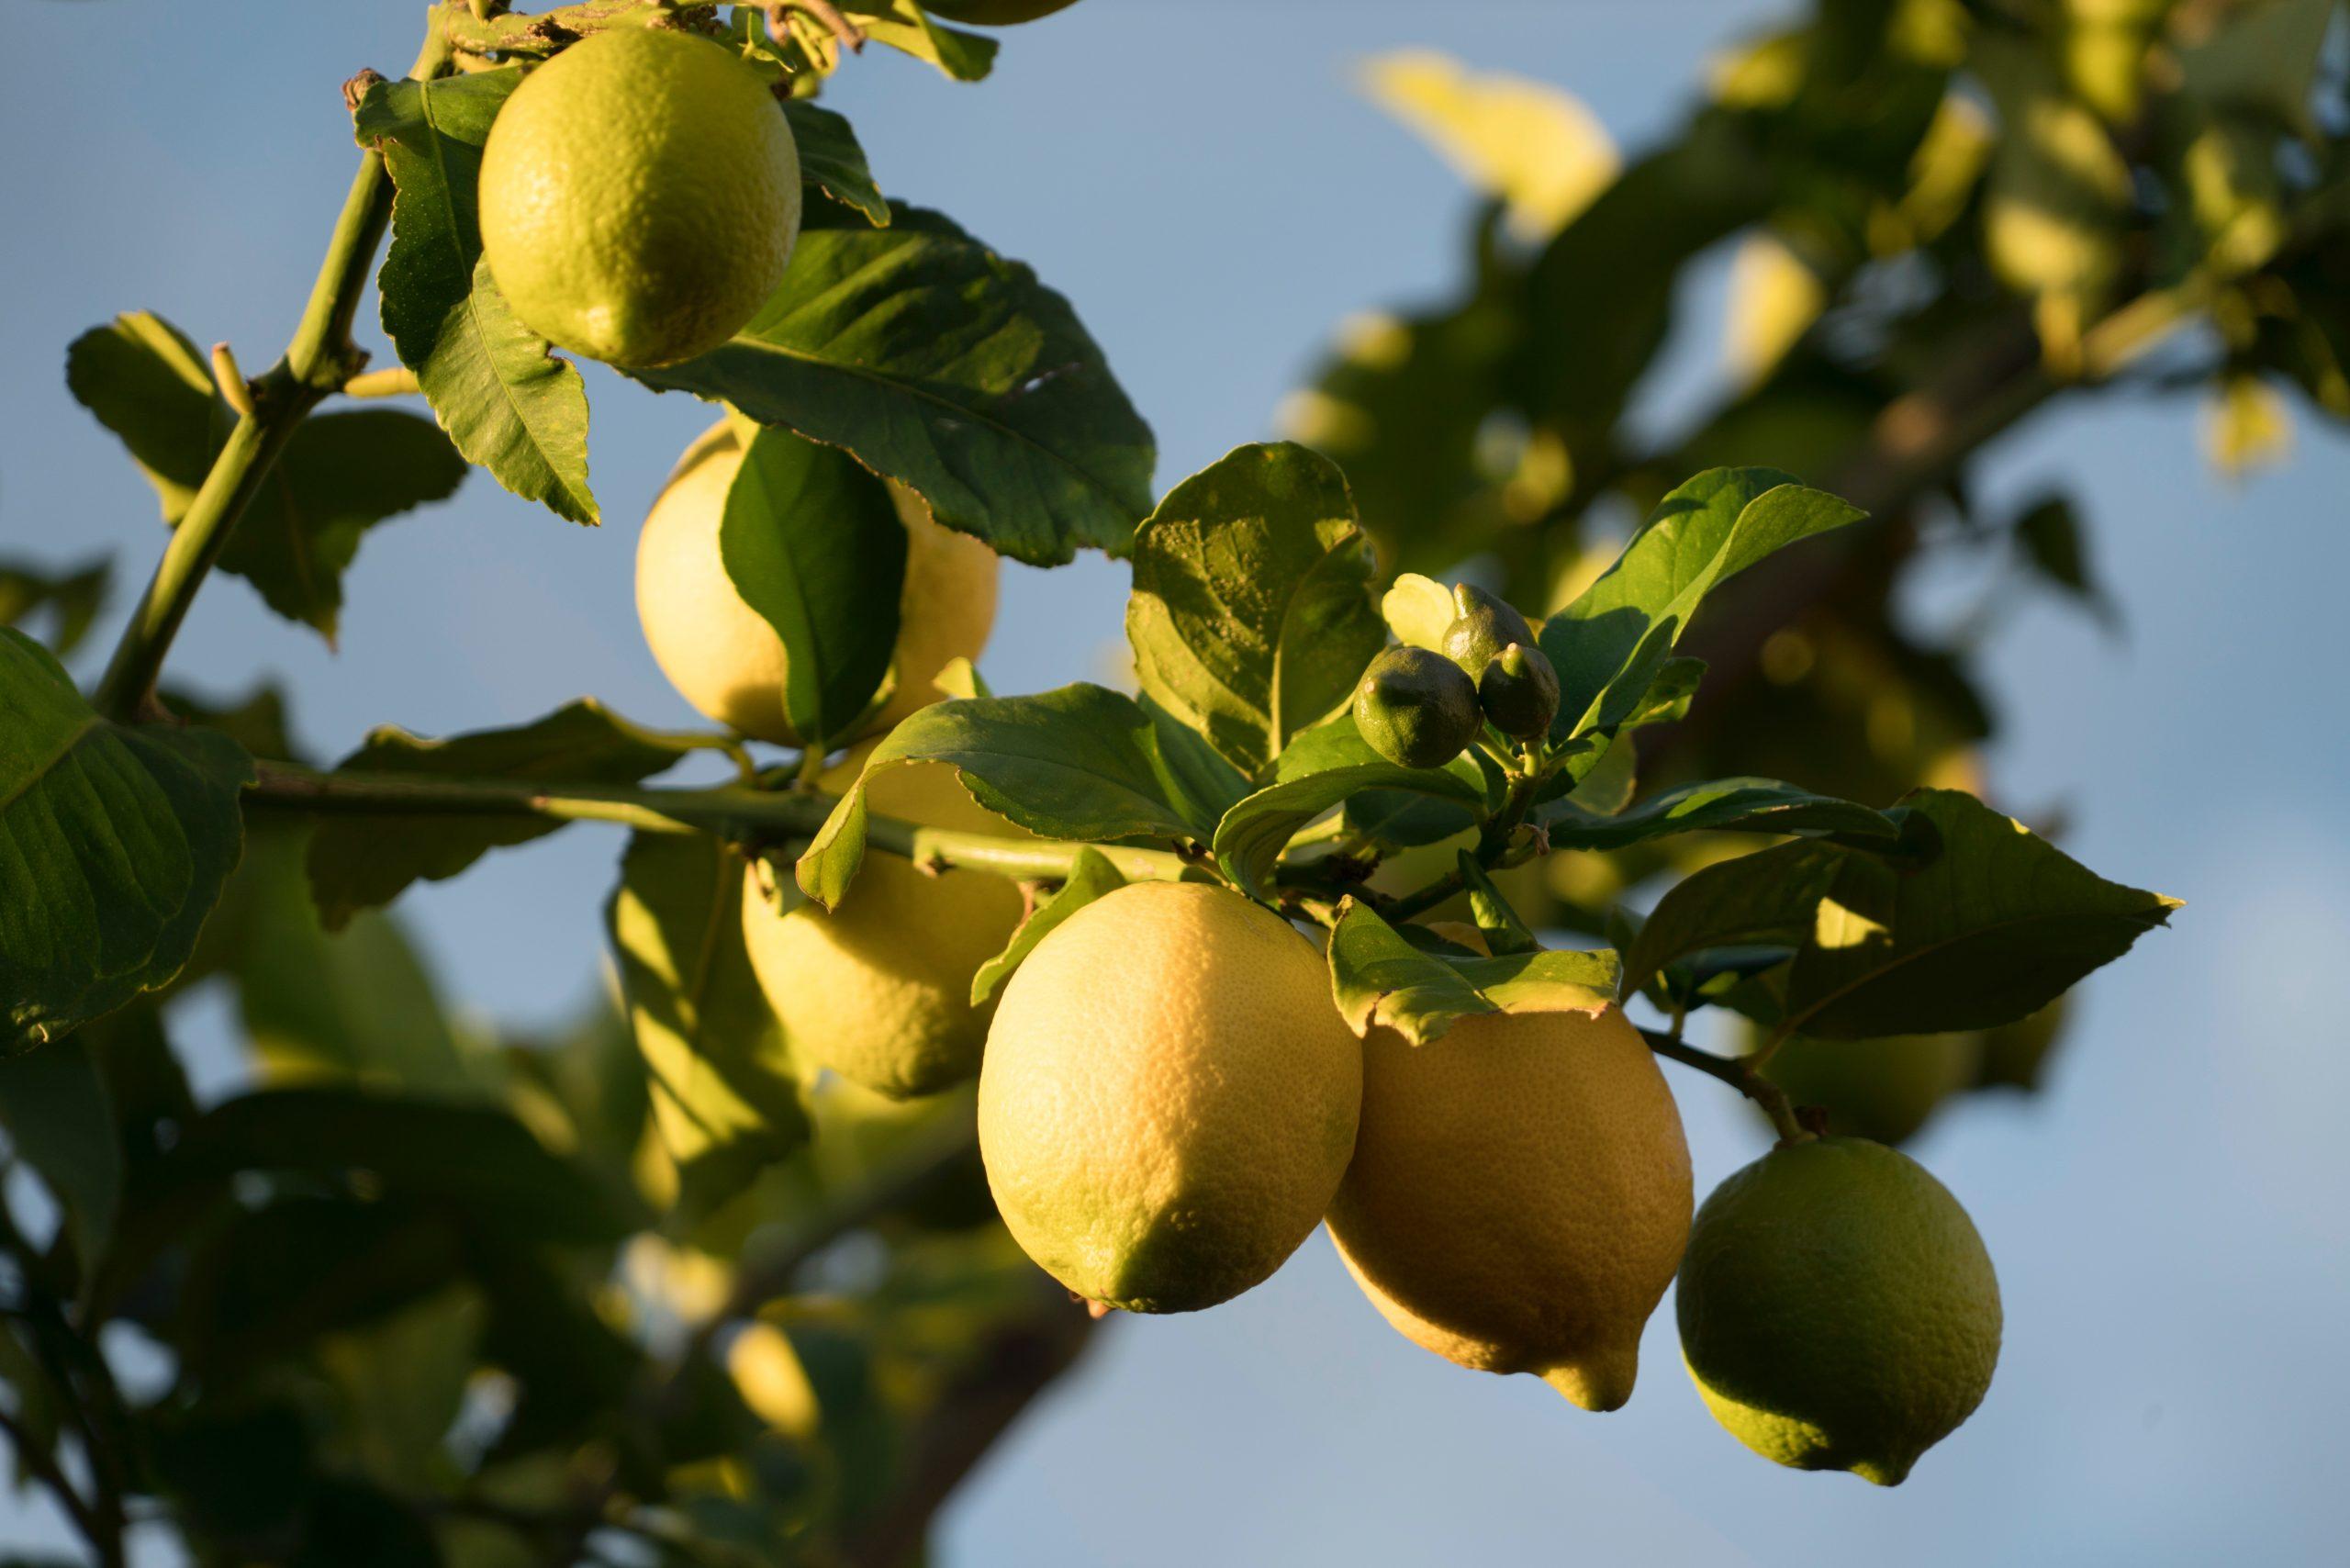 Vitamina C en el aceite esencial de limón